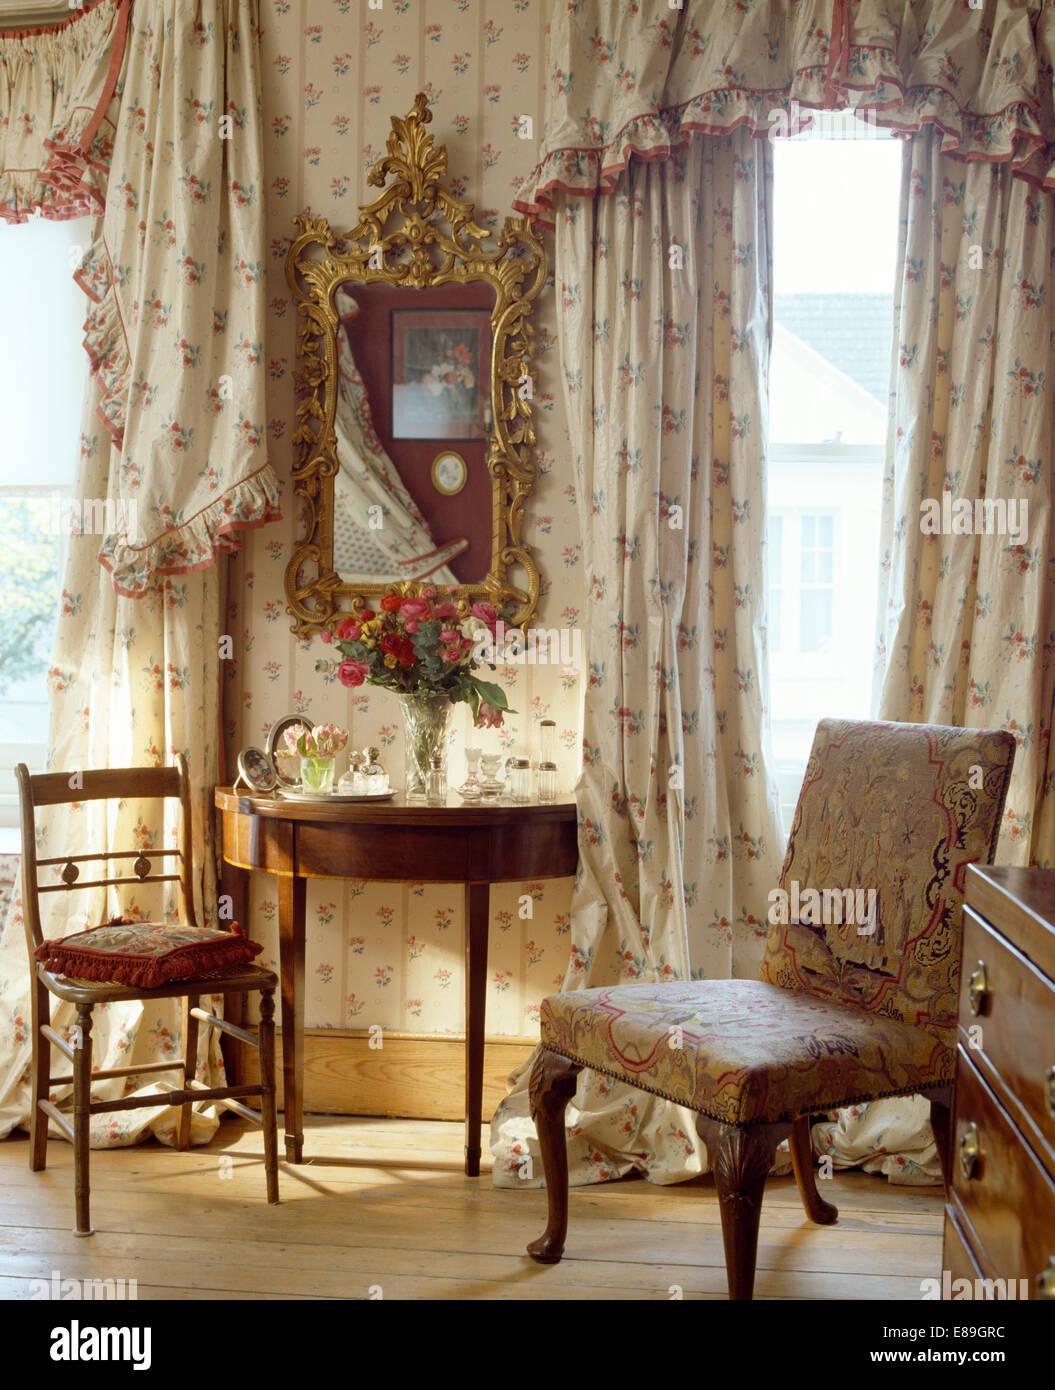 Tendaggi floreali e mantovane su windows in camera da letto con ...